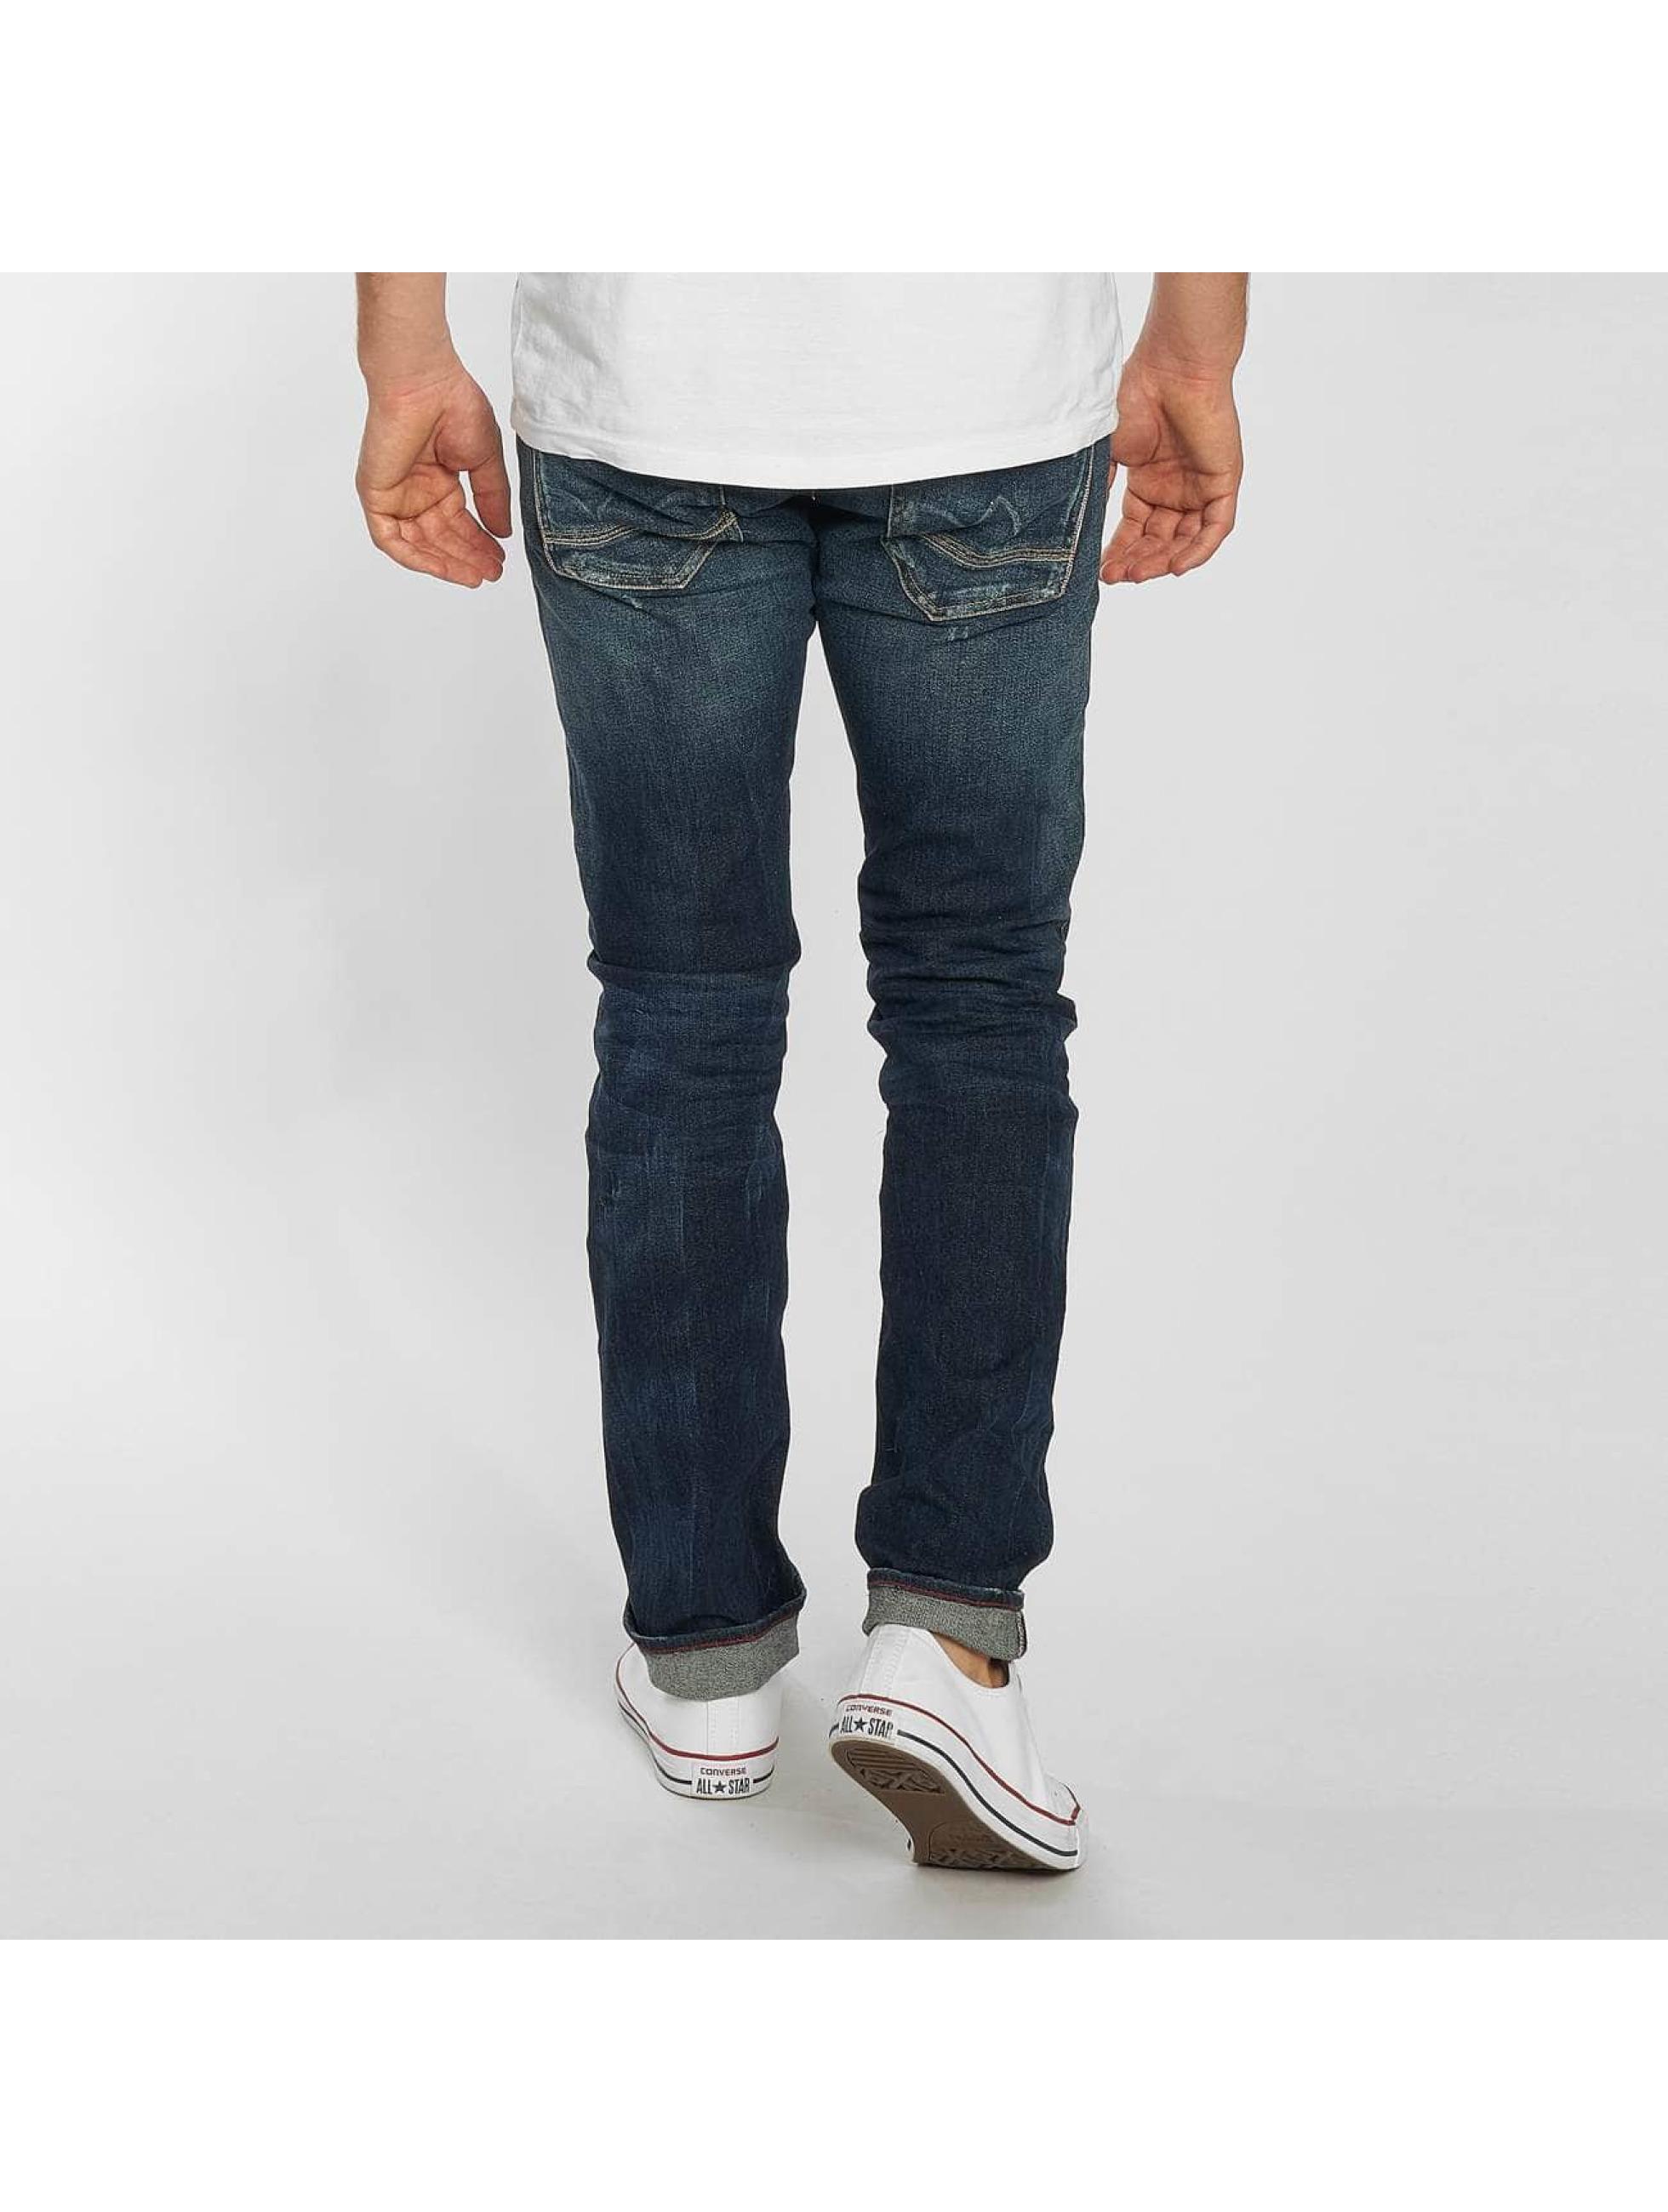 Le Temps Des Cerises Loose Fit Jeans 711 Justi blau